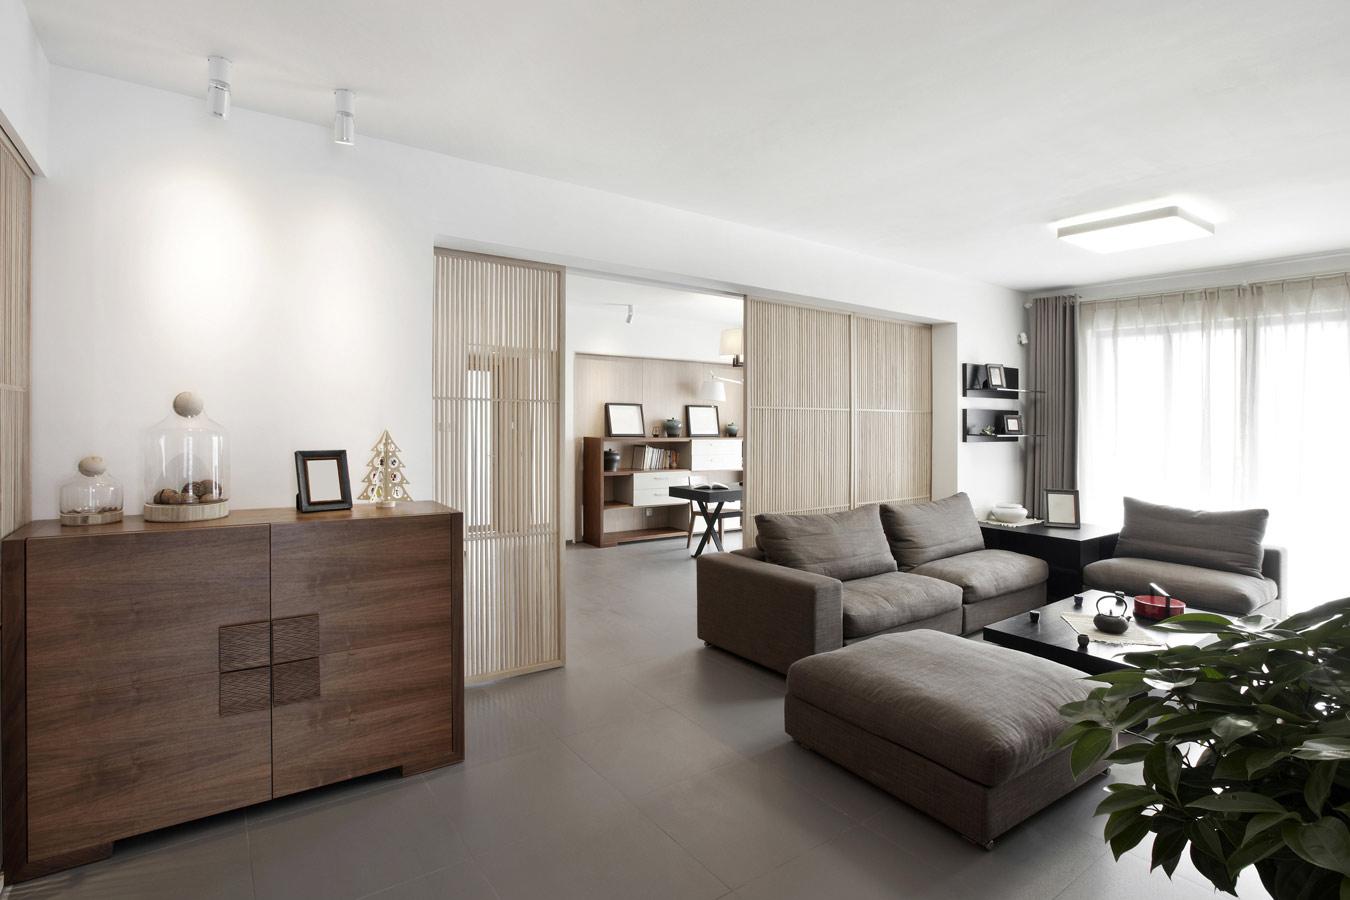 Welke vloeren zijn geschikt voor vloerverwarming? | Overzicht